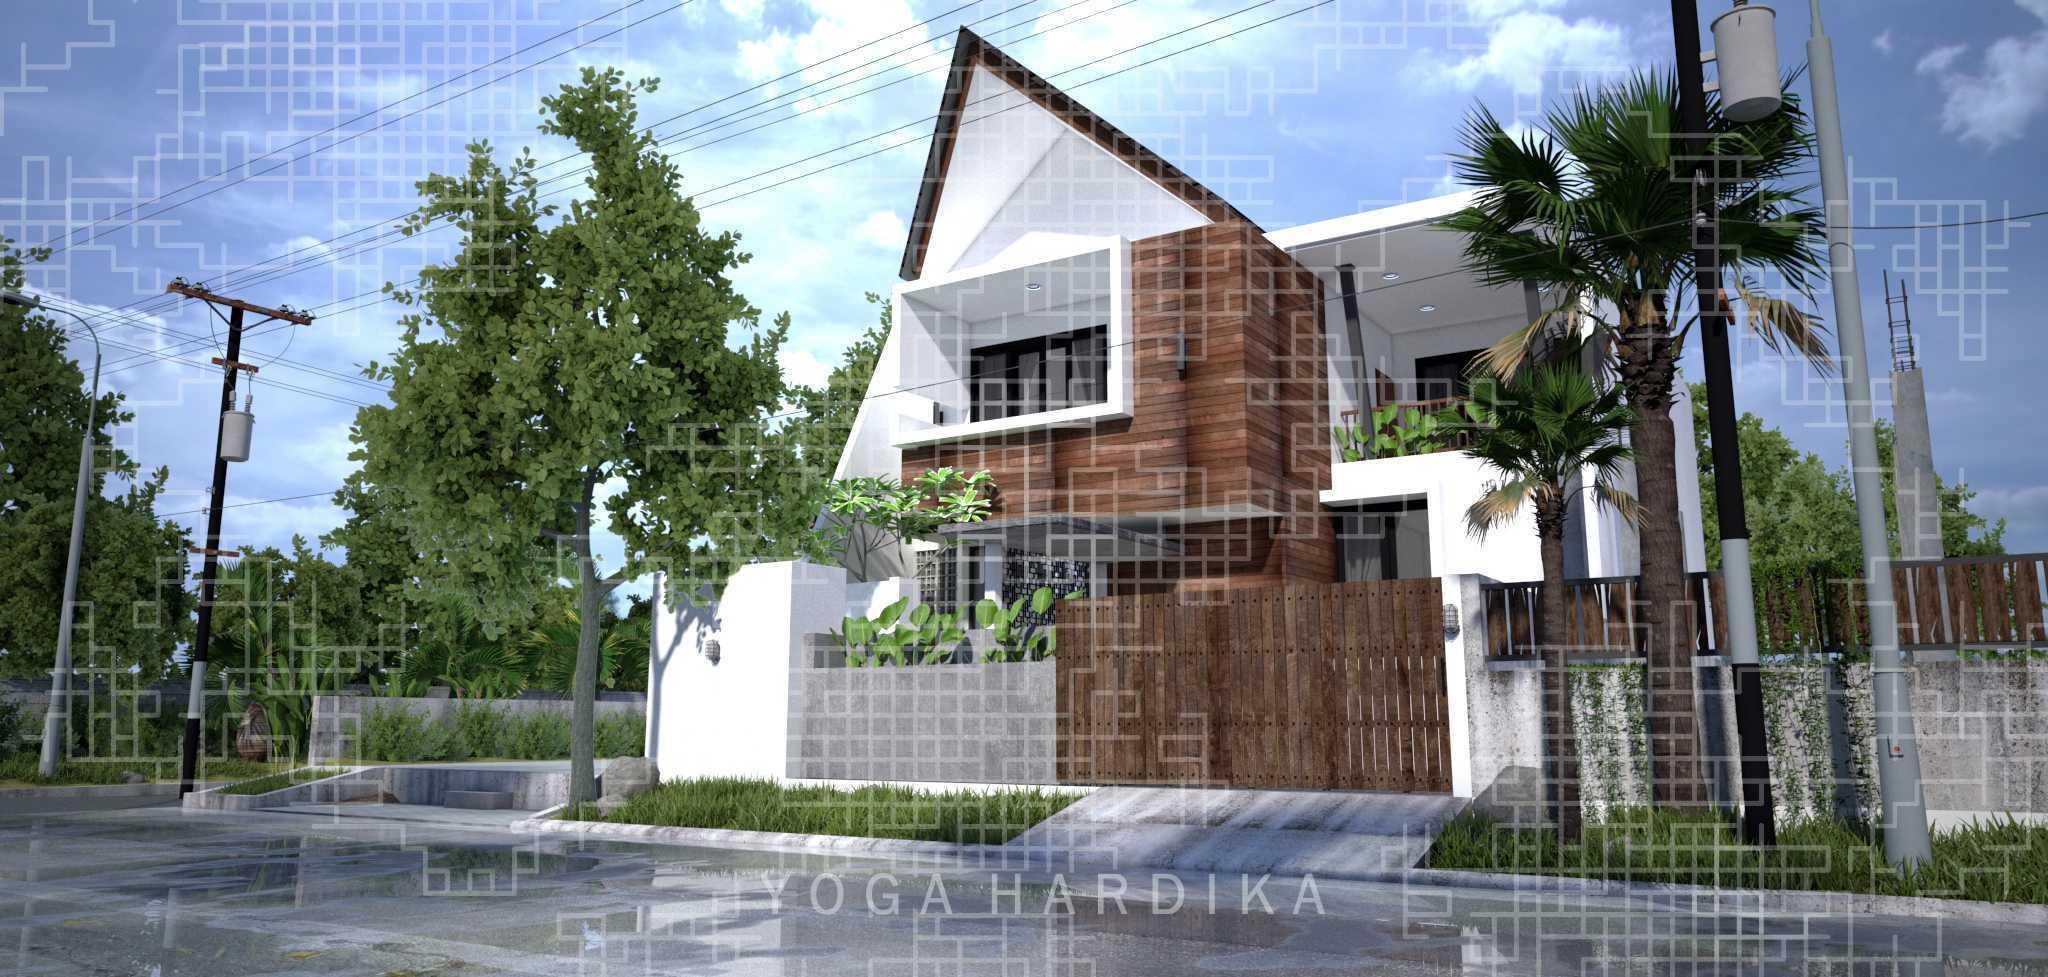 Yoga Hardika A House Kabupaten Buleleng, Bali, Indonesia Kabupaten Buleleng, Bali, Indonesia Yoga-Hardika-A-House   95431